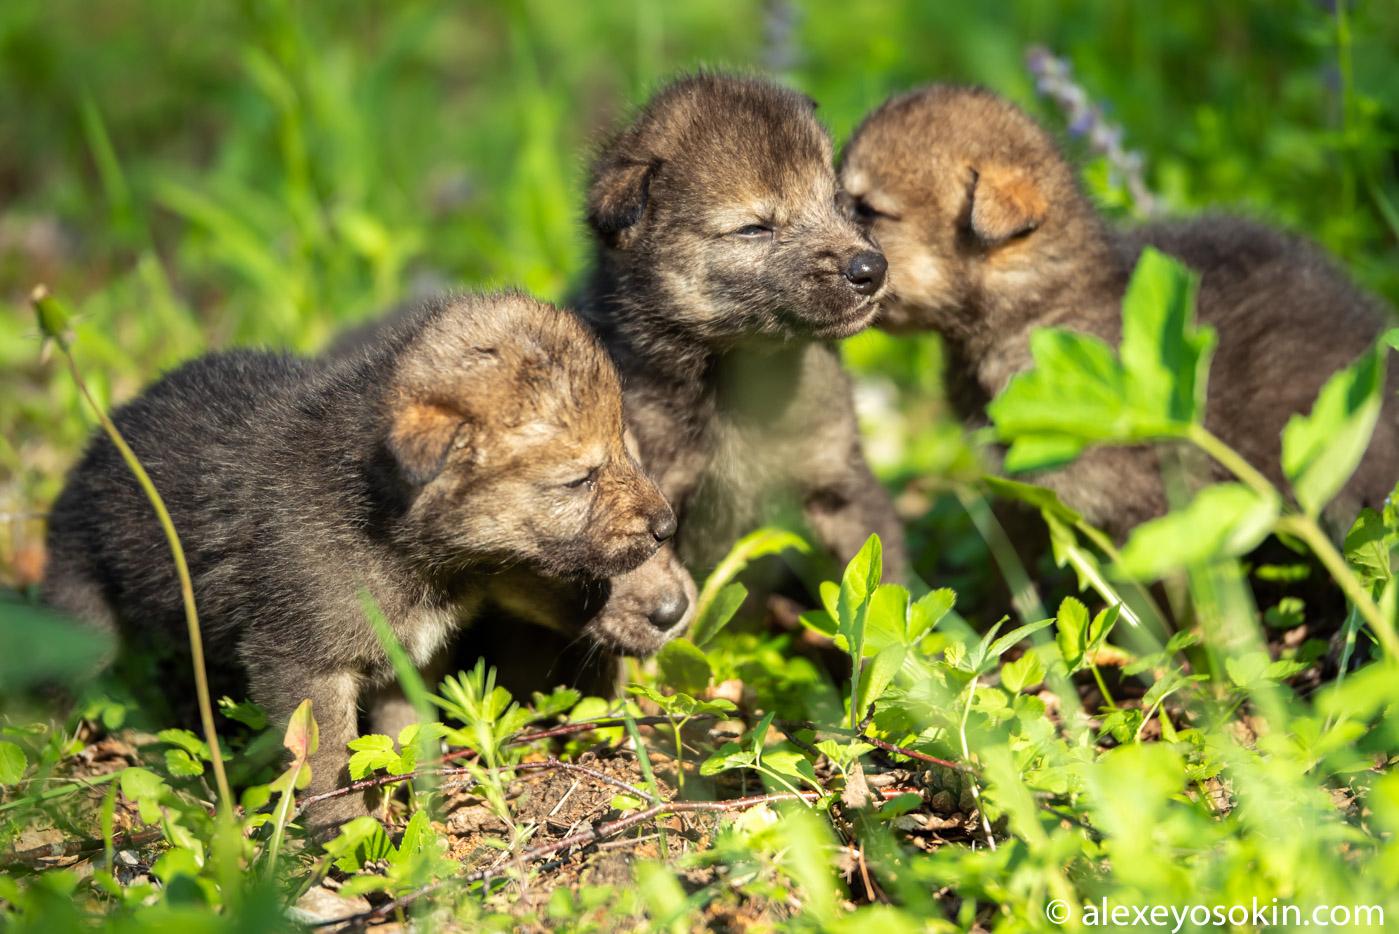 fsrMiXb0aO8 - Фото новорожденных волчат